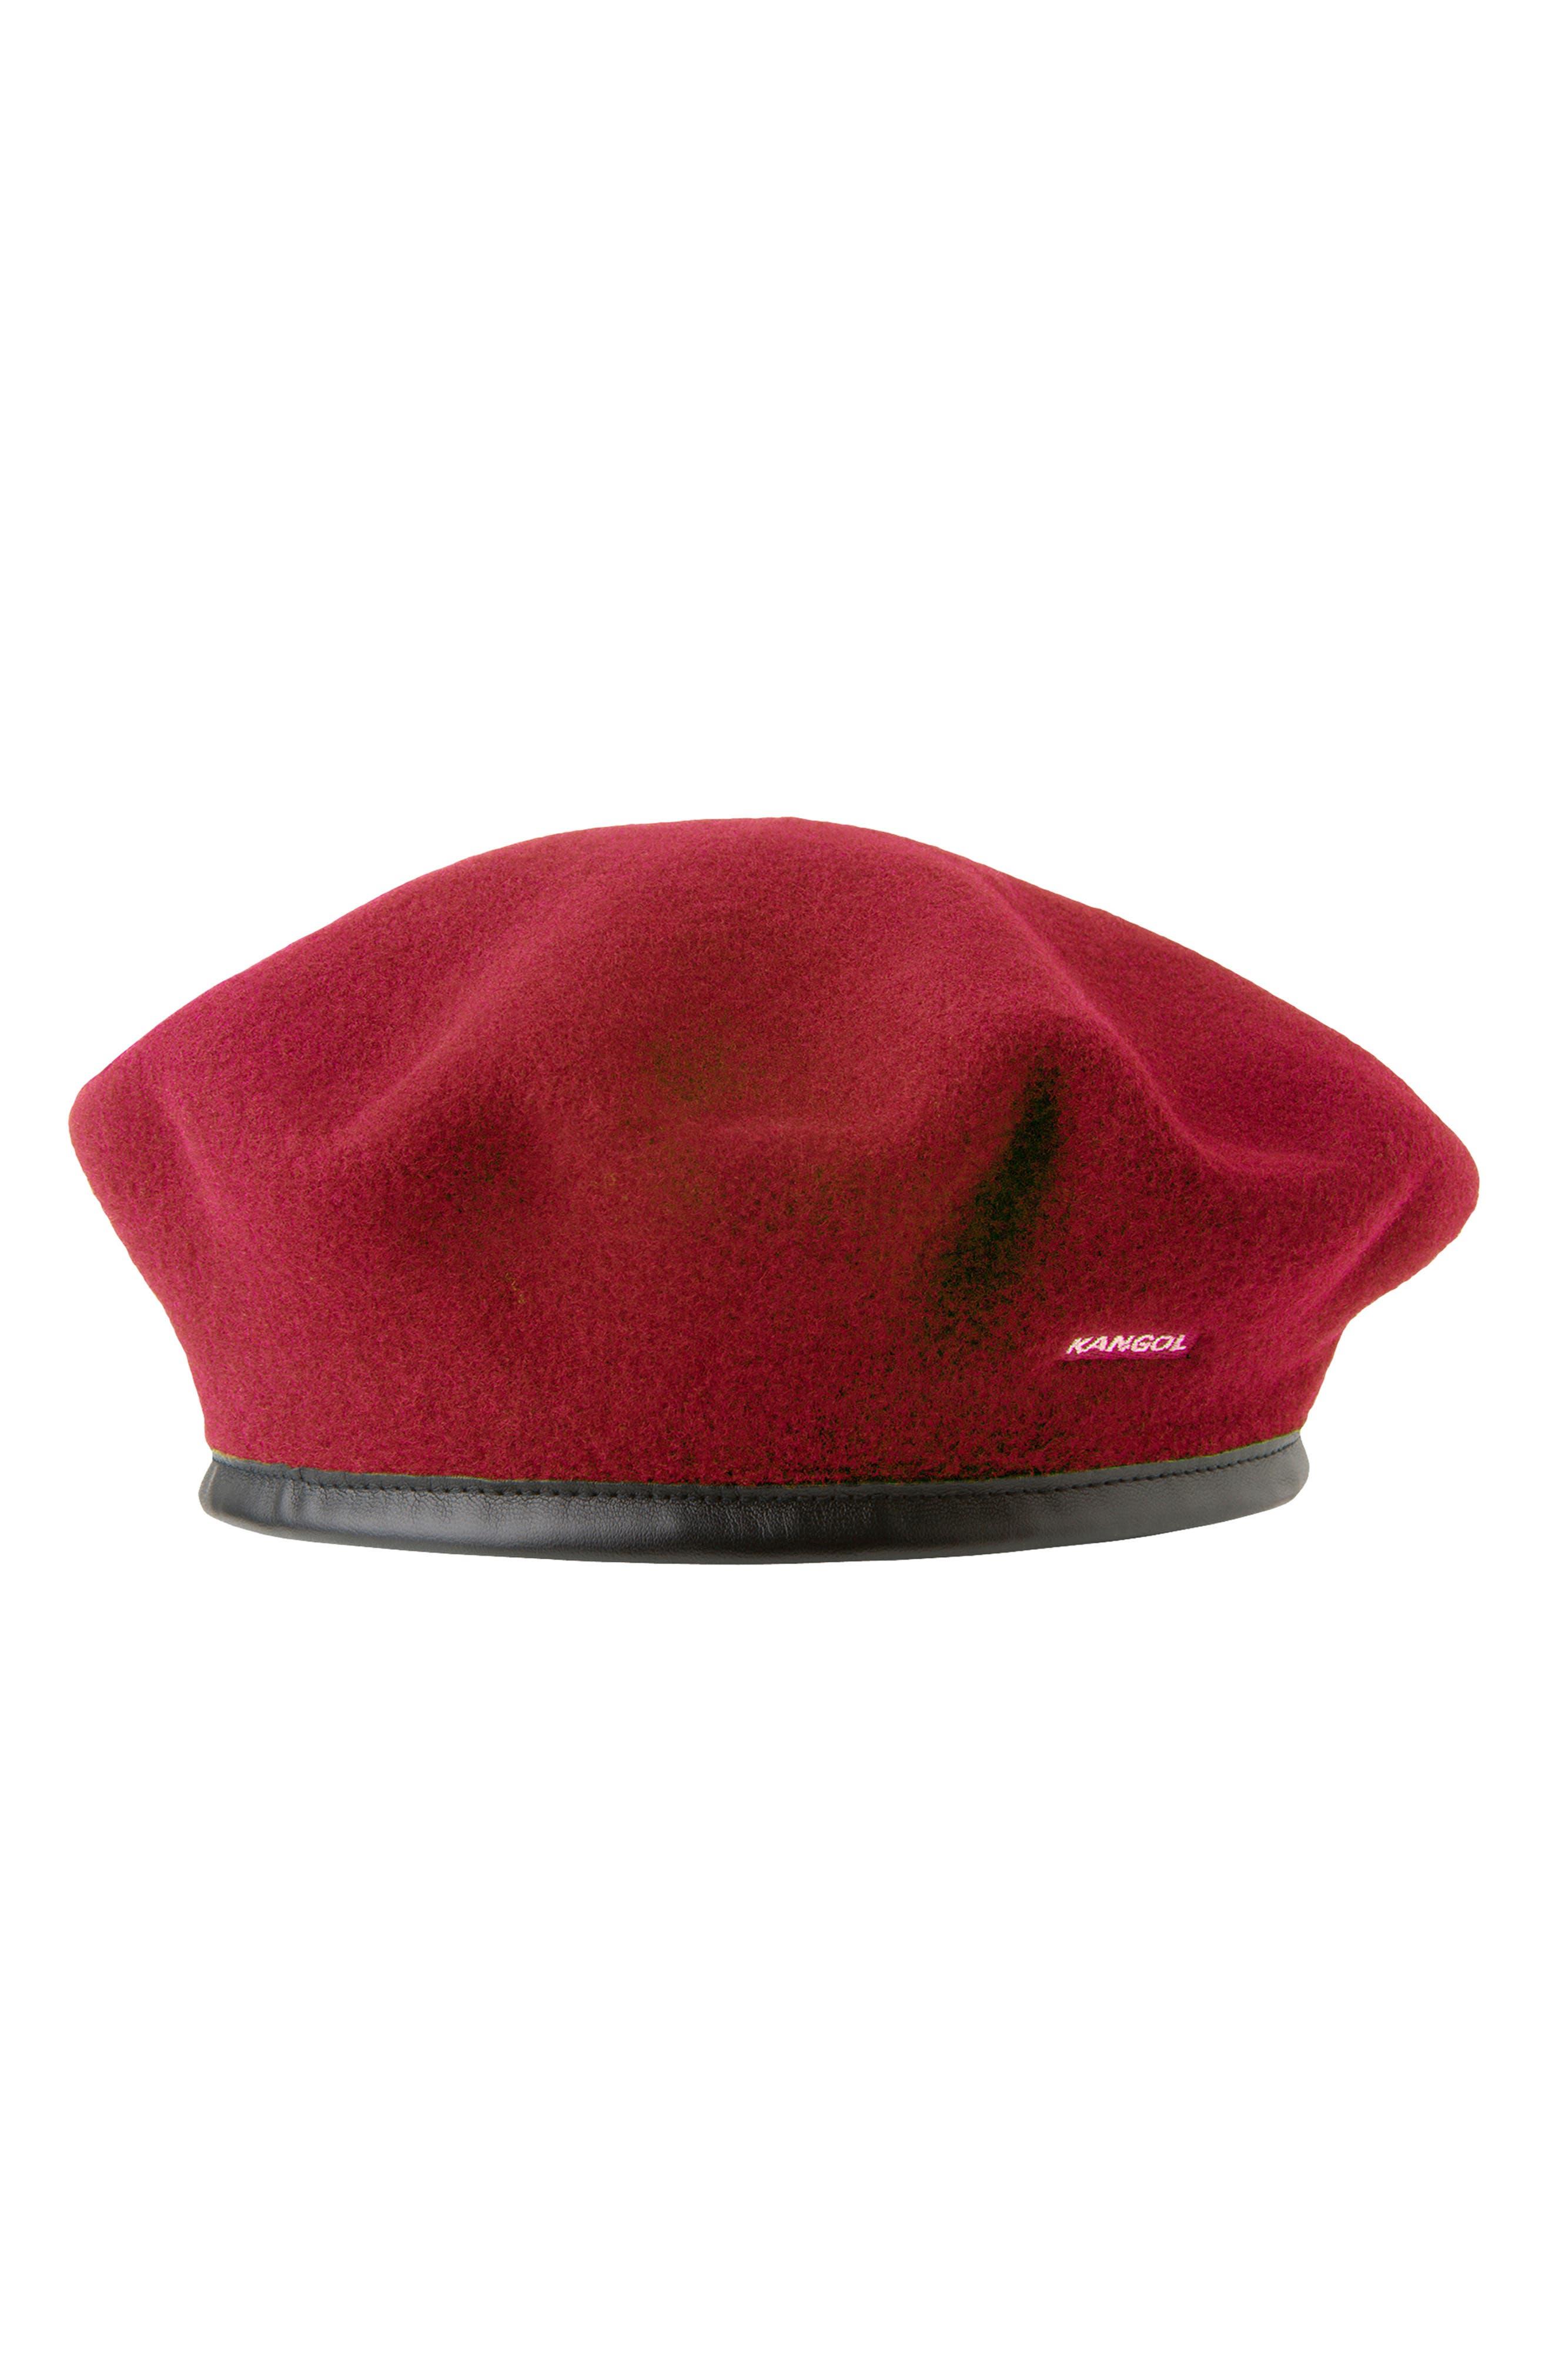 KANGOL Monty Wool Beret - Red